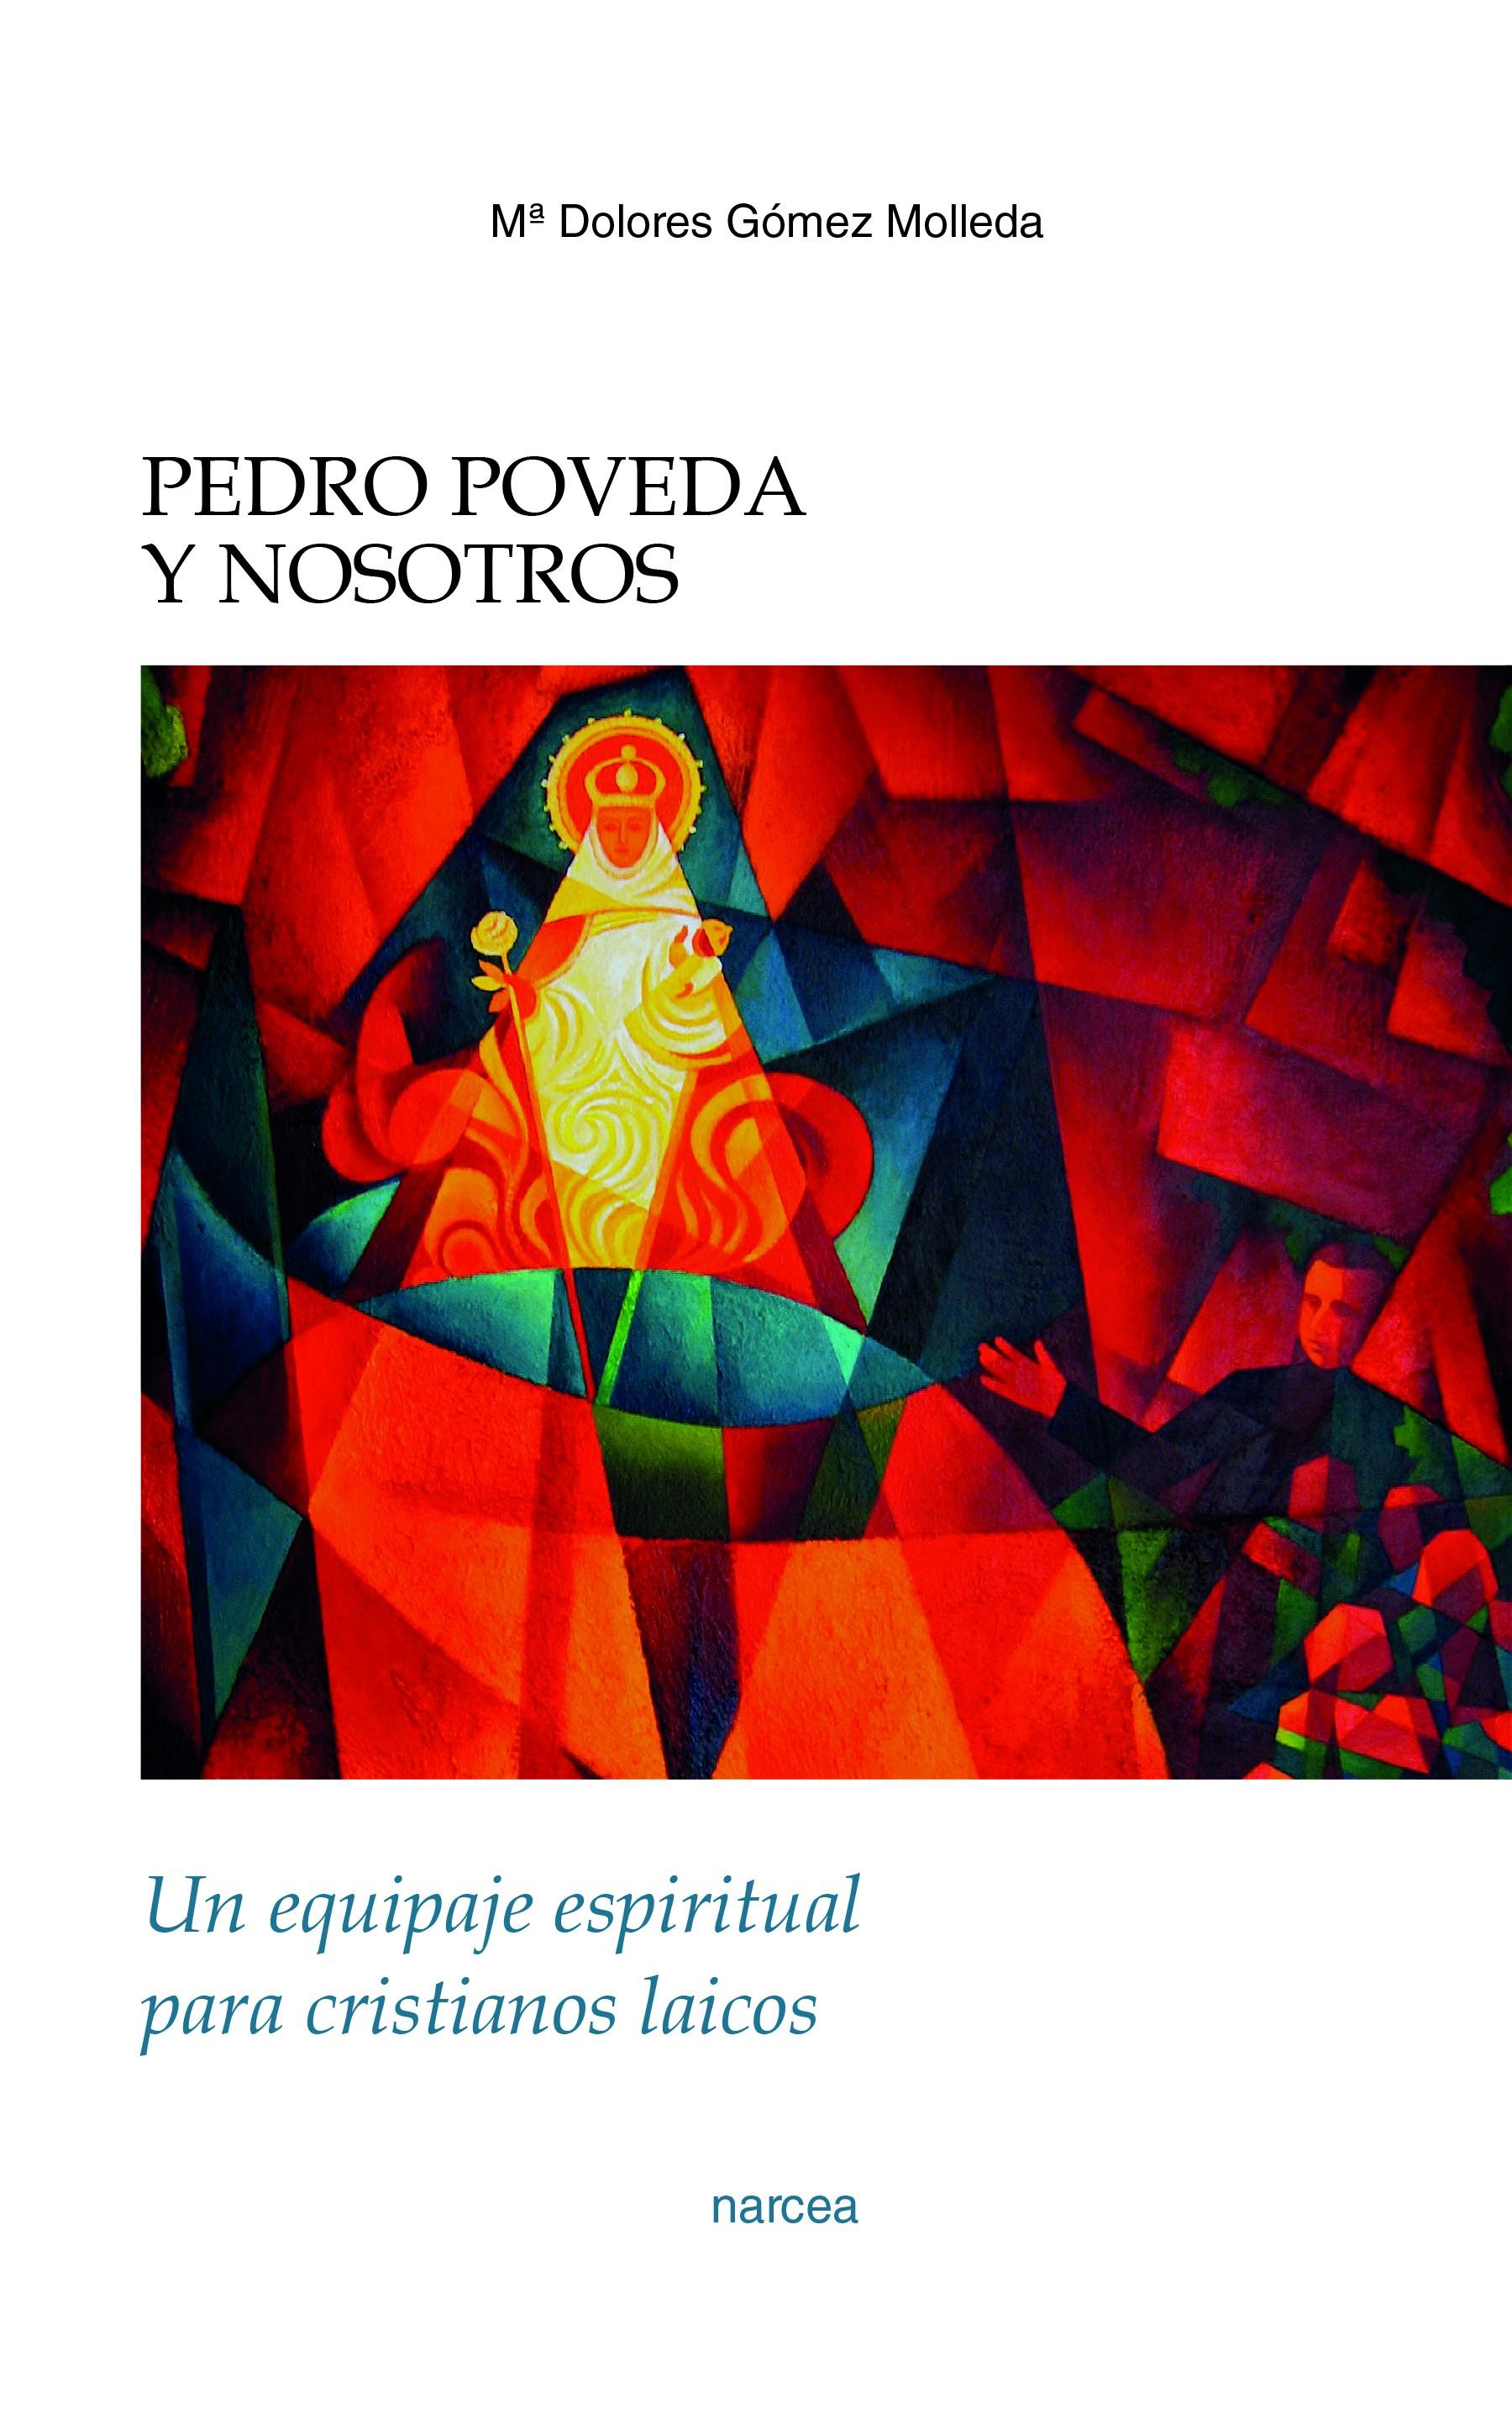 Pedro Poveda y nosotros